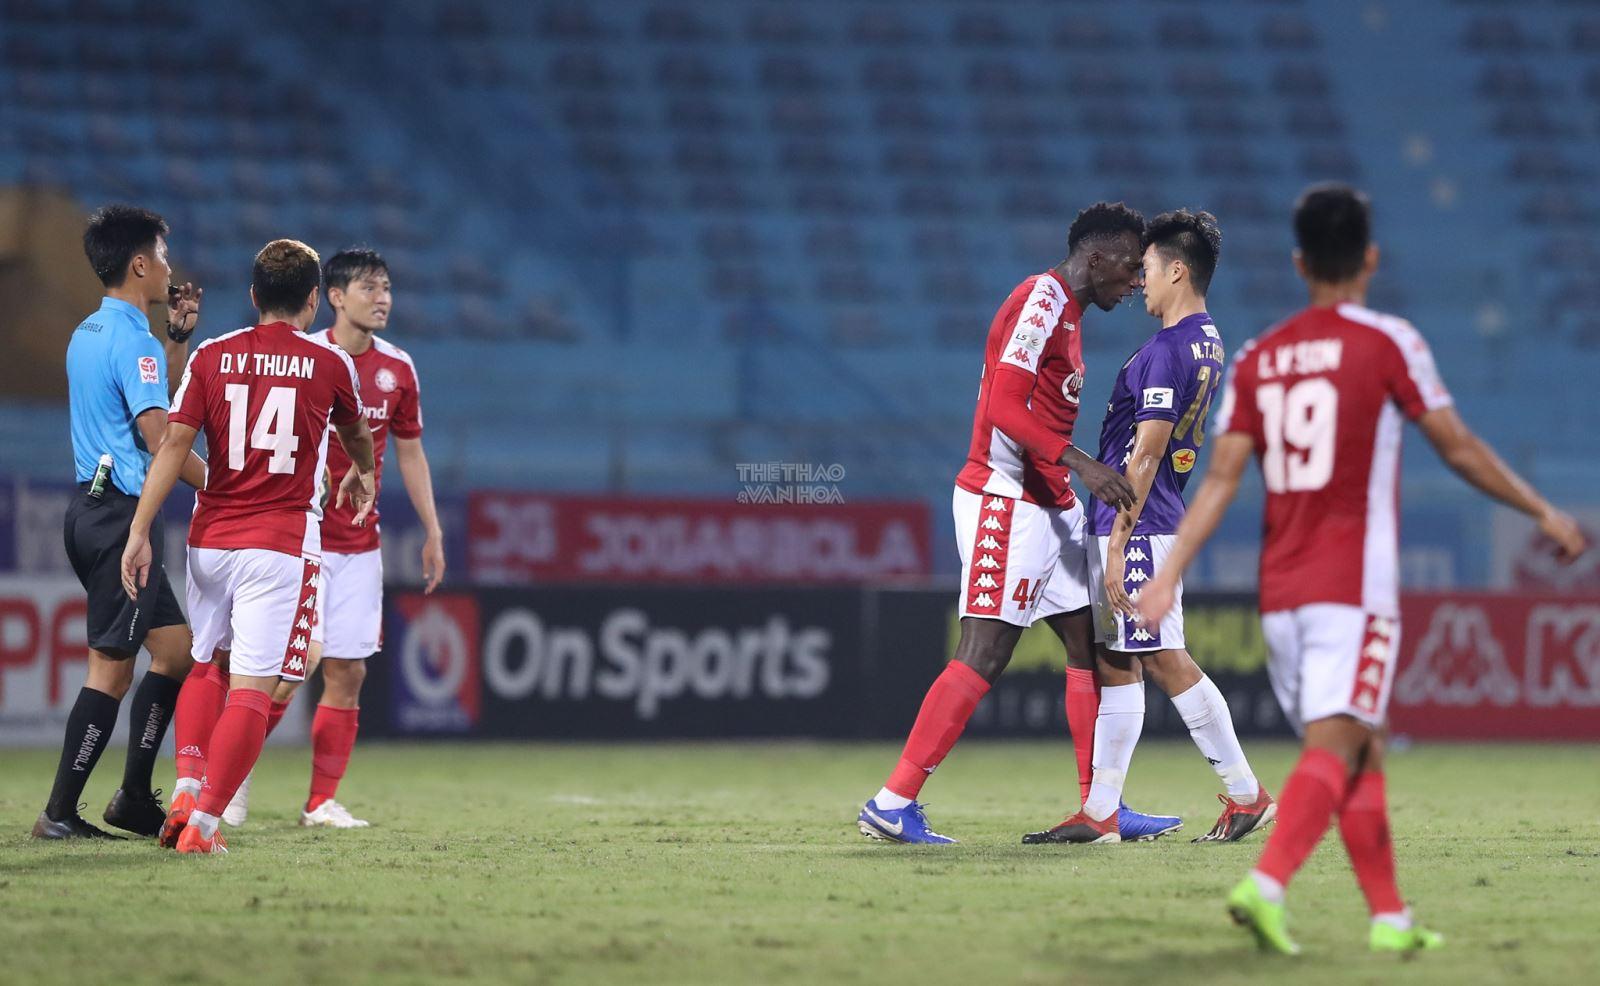 bóng đá Việt Nam, tin tức bóng đá, bong da, tin bong da, Lee Nguyễn, CLB TPHCM, V League, chuyển nhượng V League, lịch thi đấu V League, kết quả bóng đá